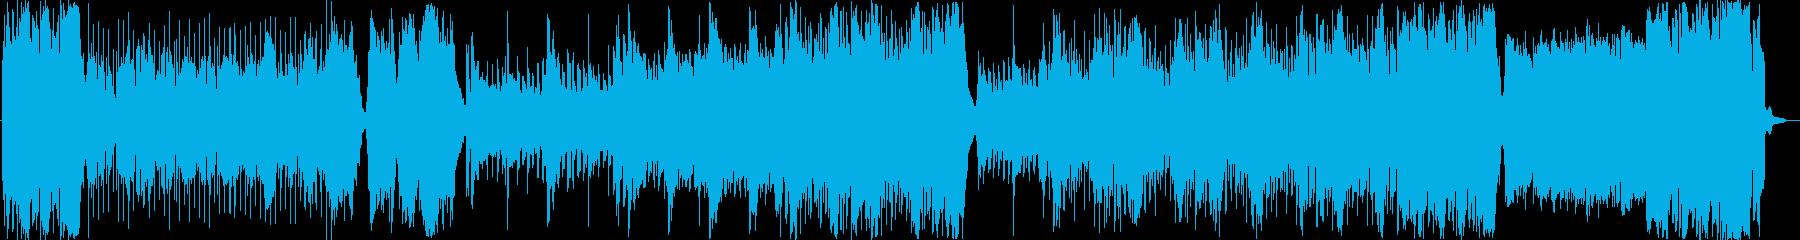 【アニメ】懐かし戦隊キメからの戦闘シーンの再生済みの波形